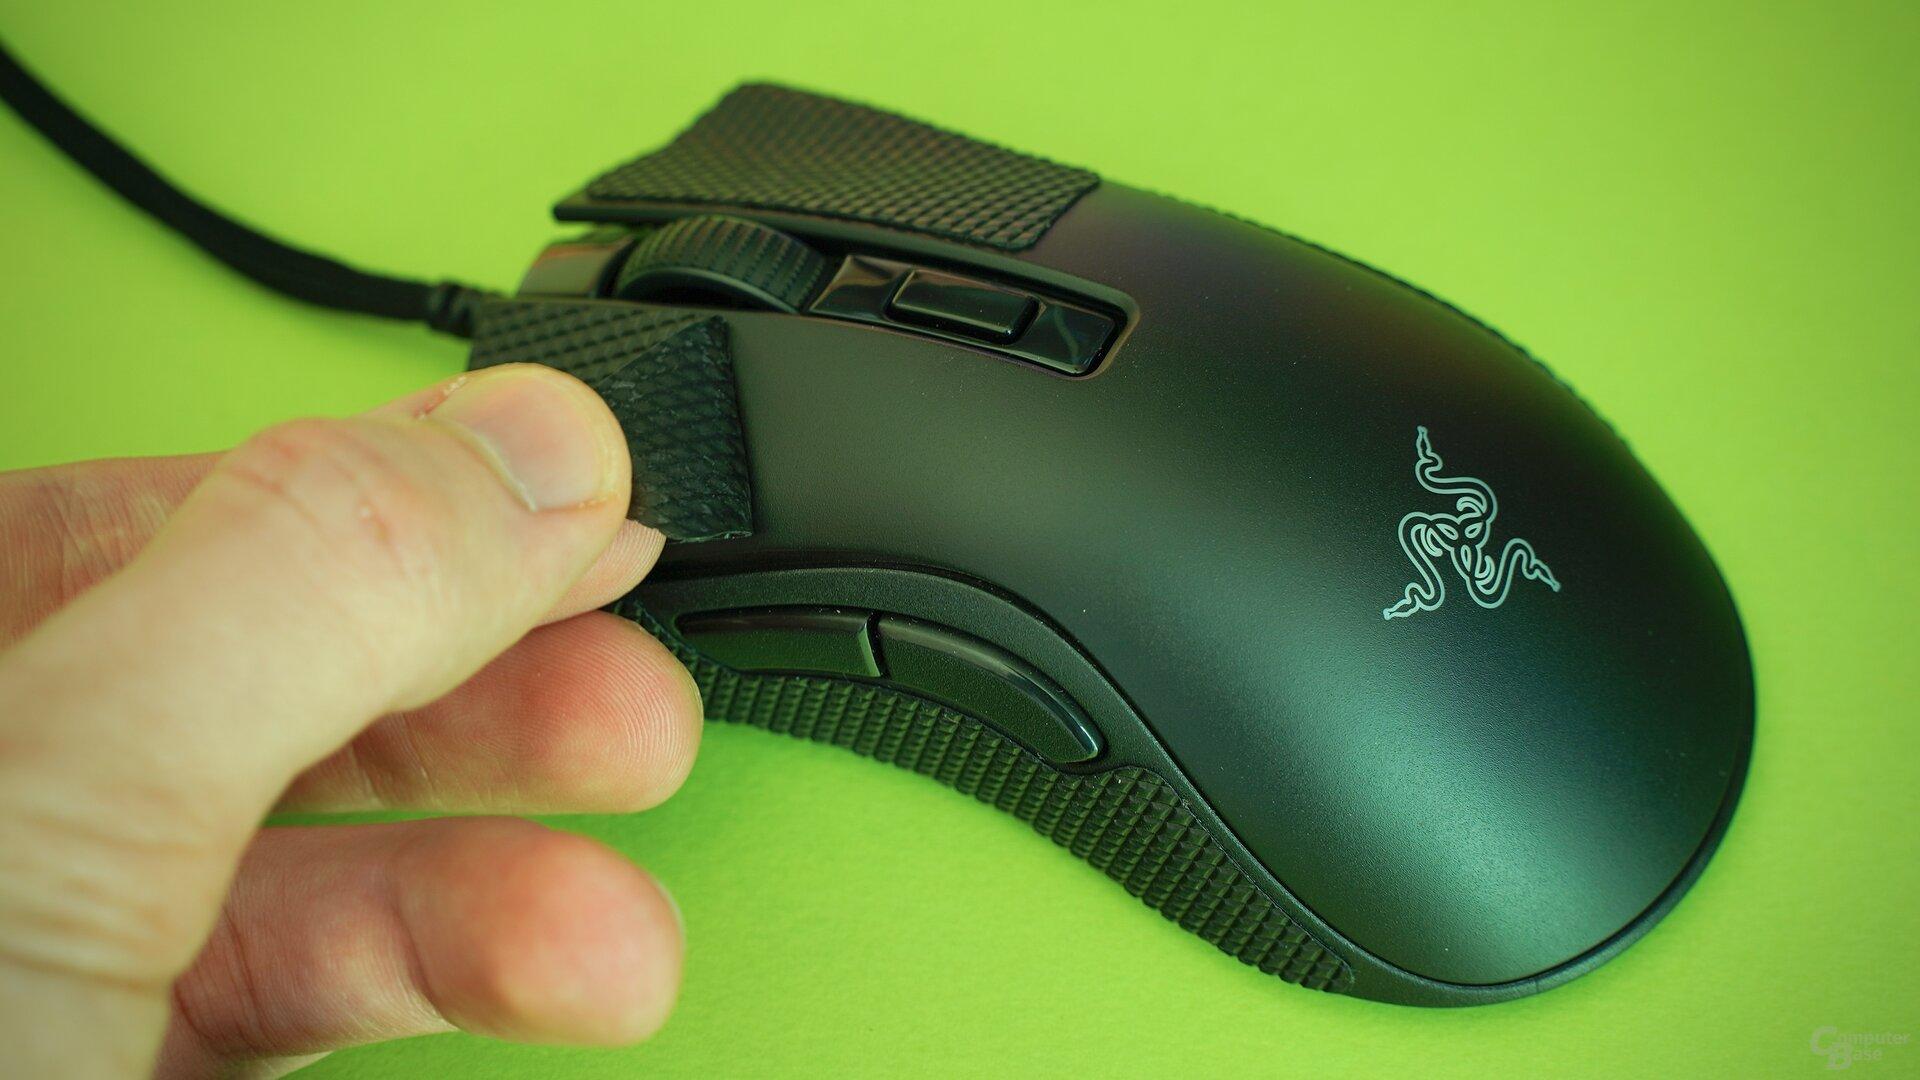 Razer DeathAdder V2 Mini mit Grip-Tape